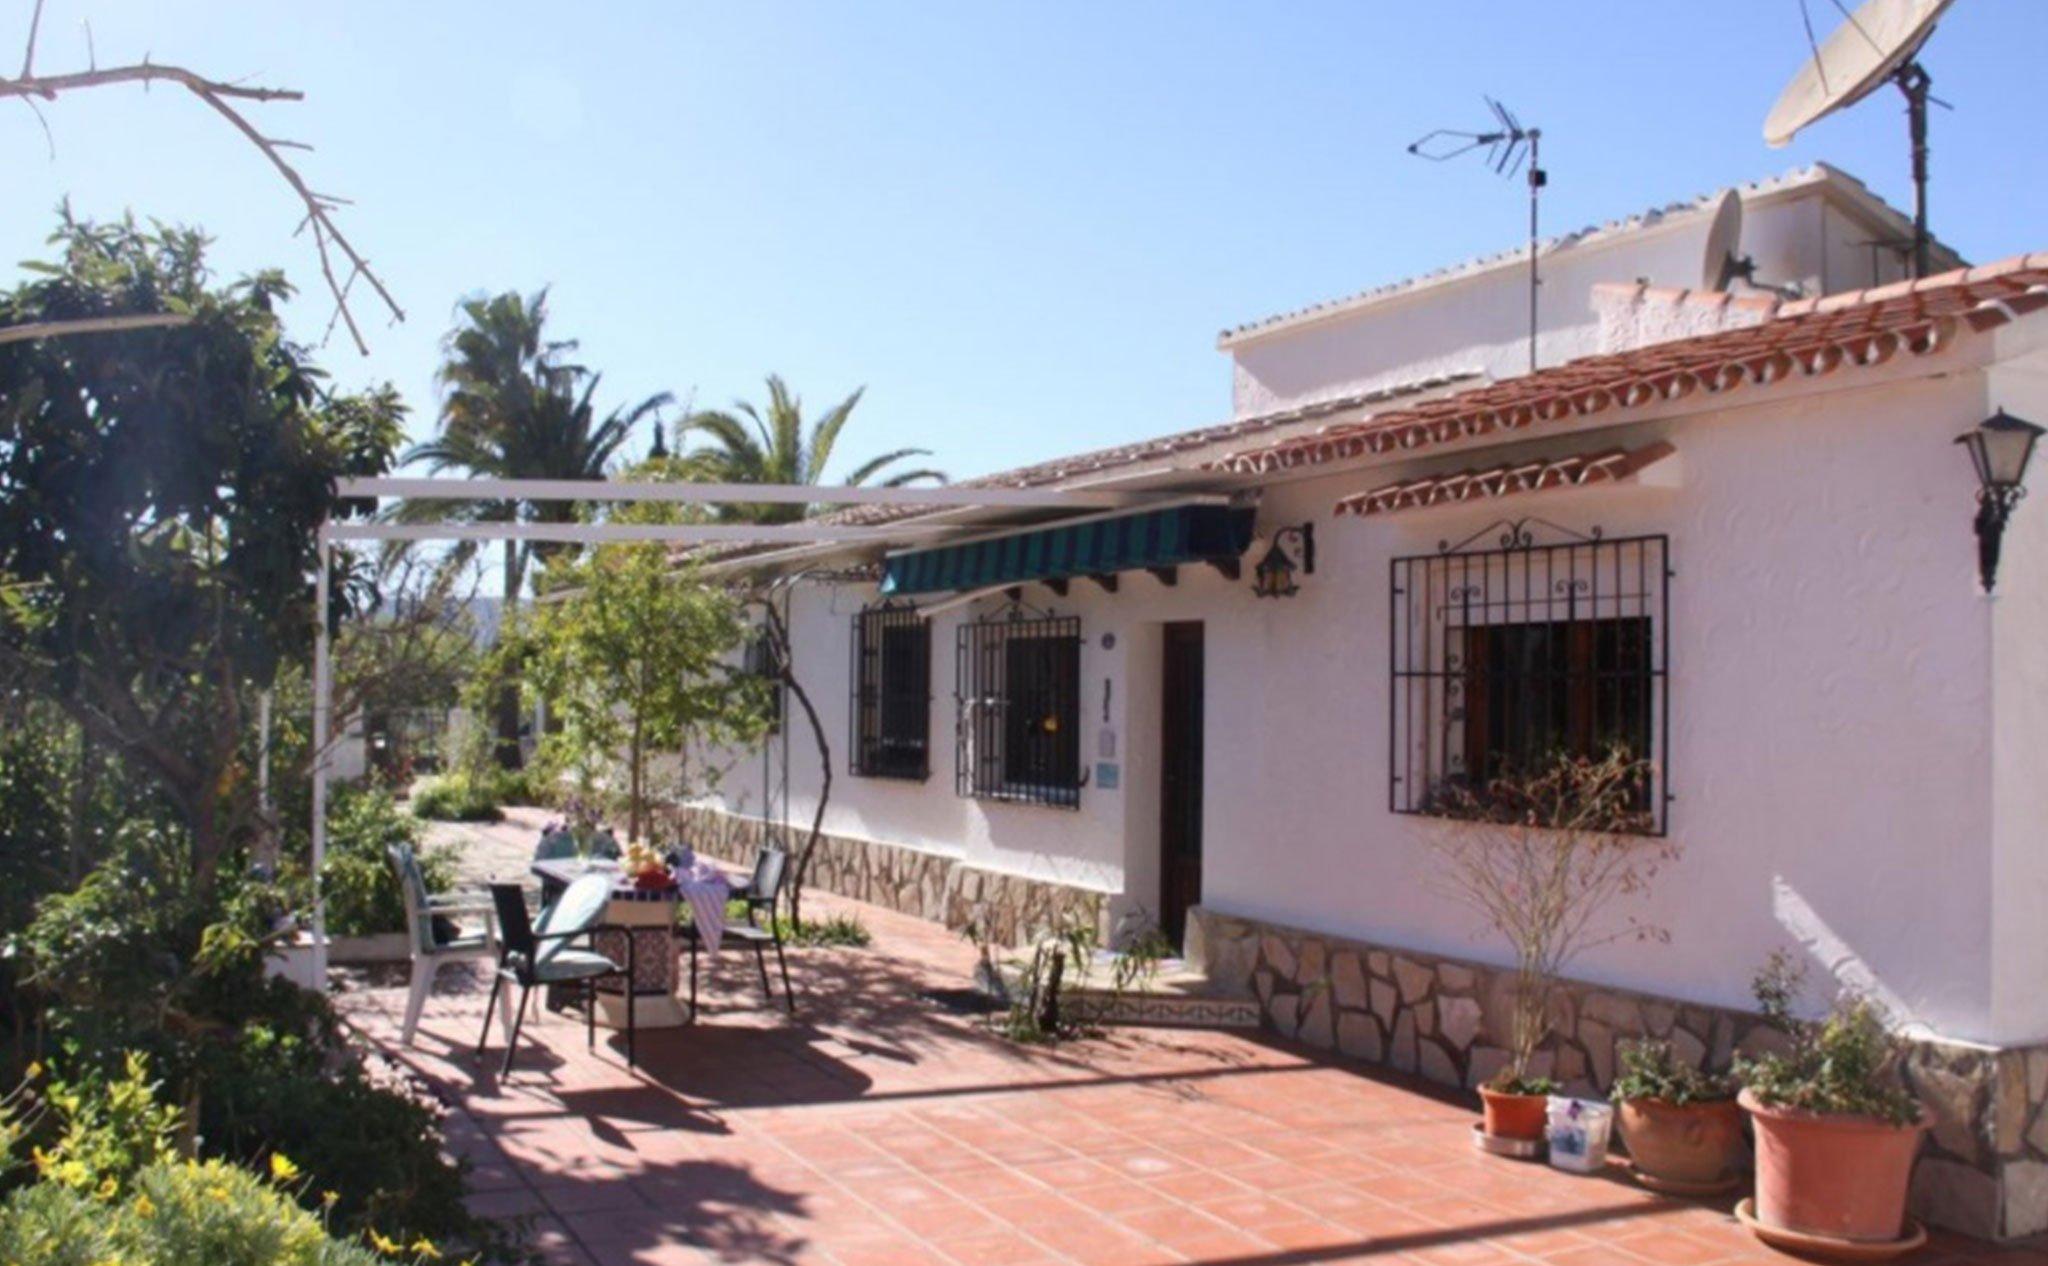 Terraza con muebles en una finca en venta entre Jávea y Jesús Pobre – Terramar Costa Blanca